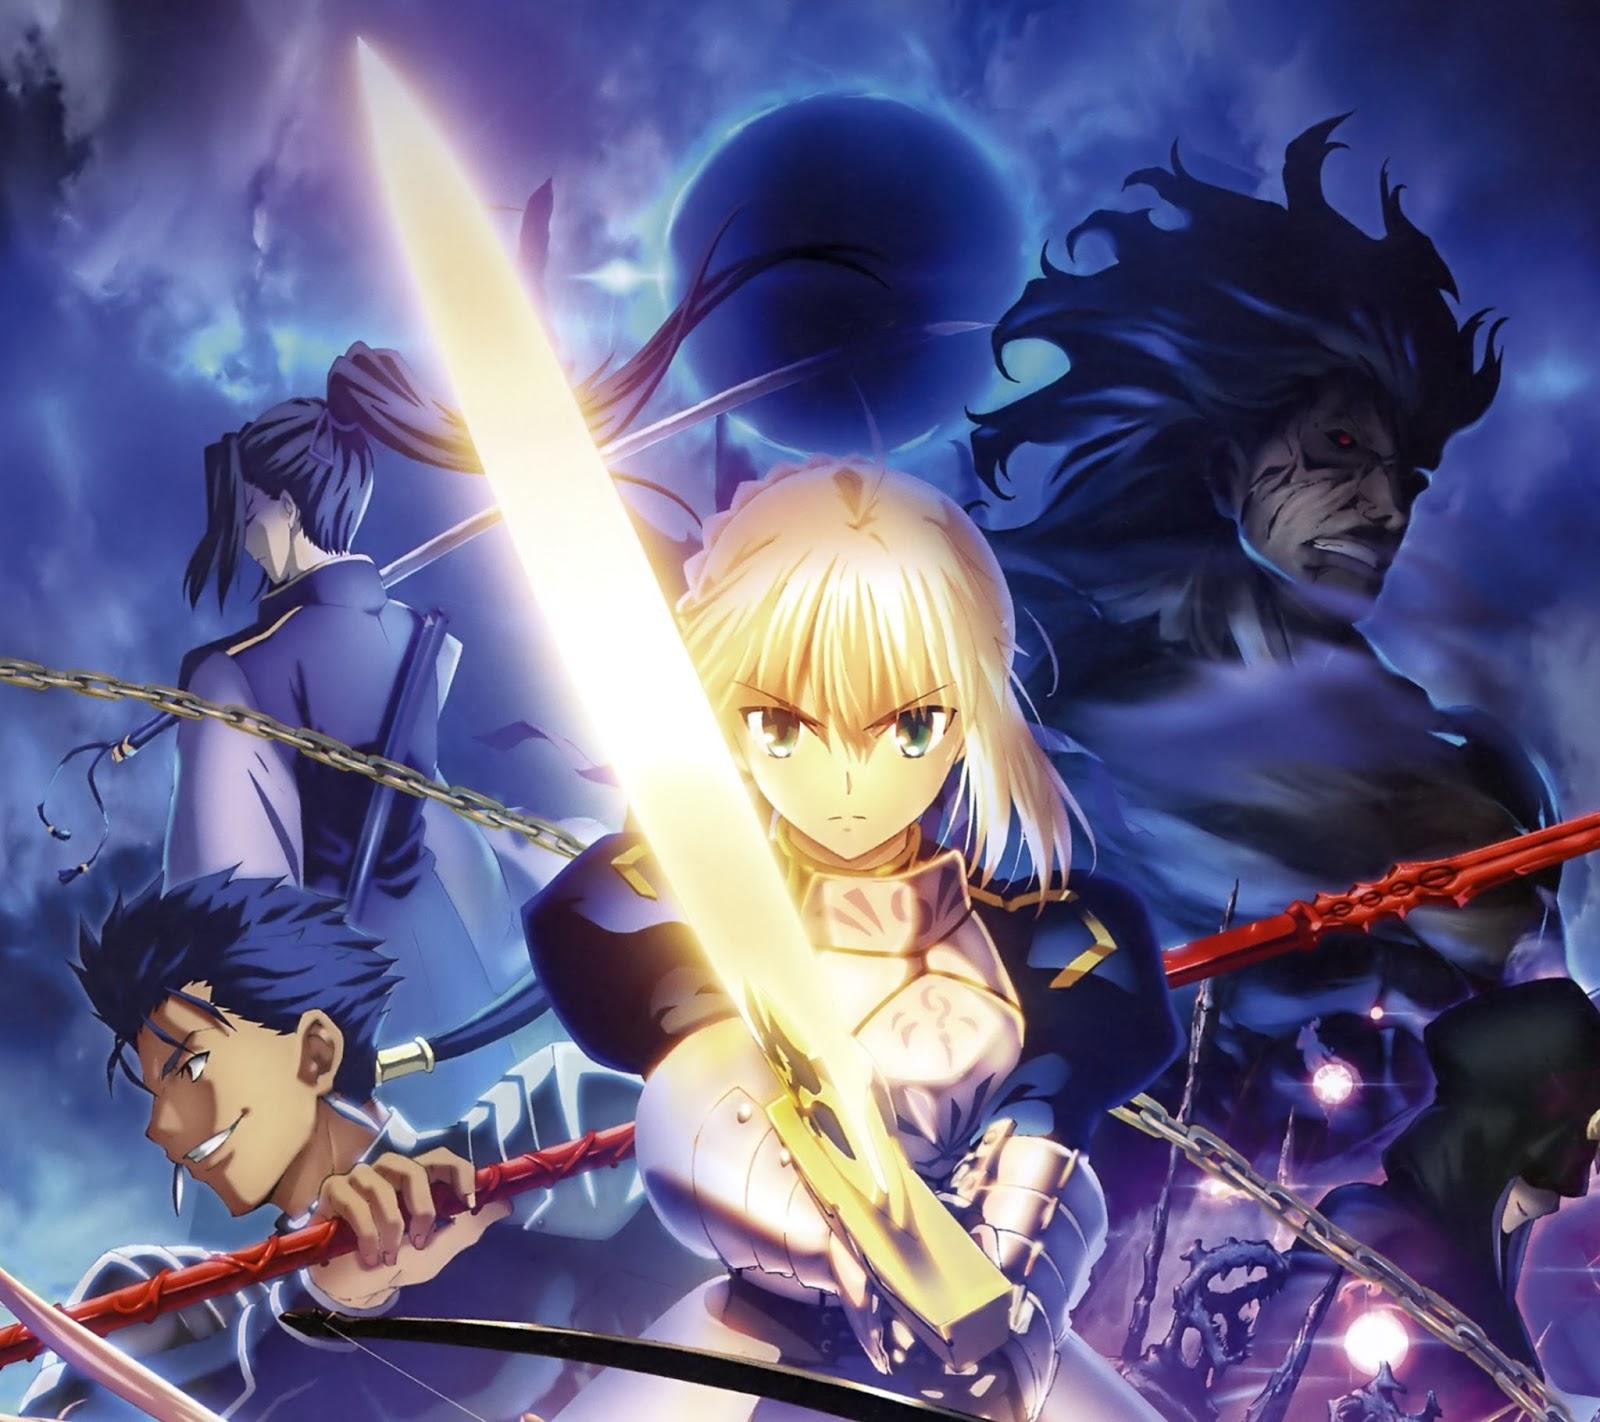 Dan Digarap Oleh Studio Yang Sama Dengan Diatas Menurut Saya Anime Ini Memiliki Cerita Epic Wajib Untuk Ditonton Pecinta Genre Action